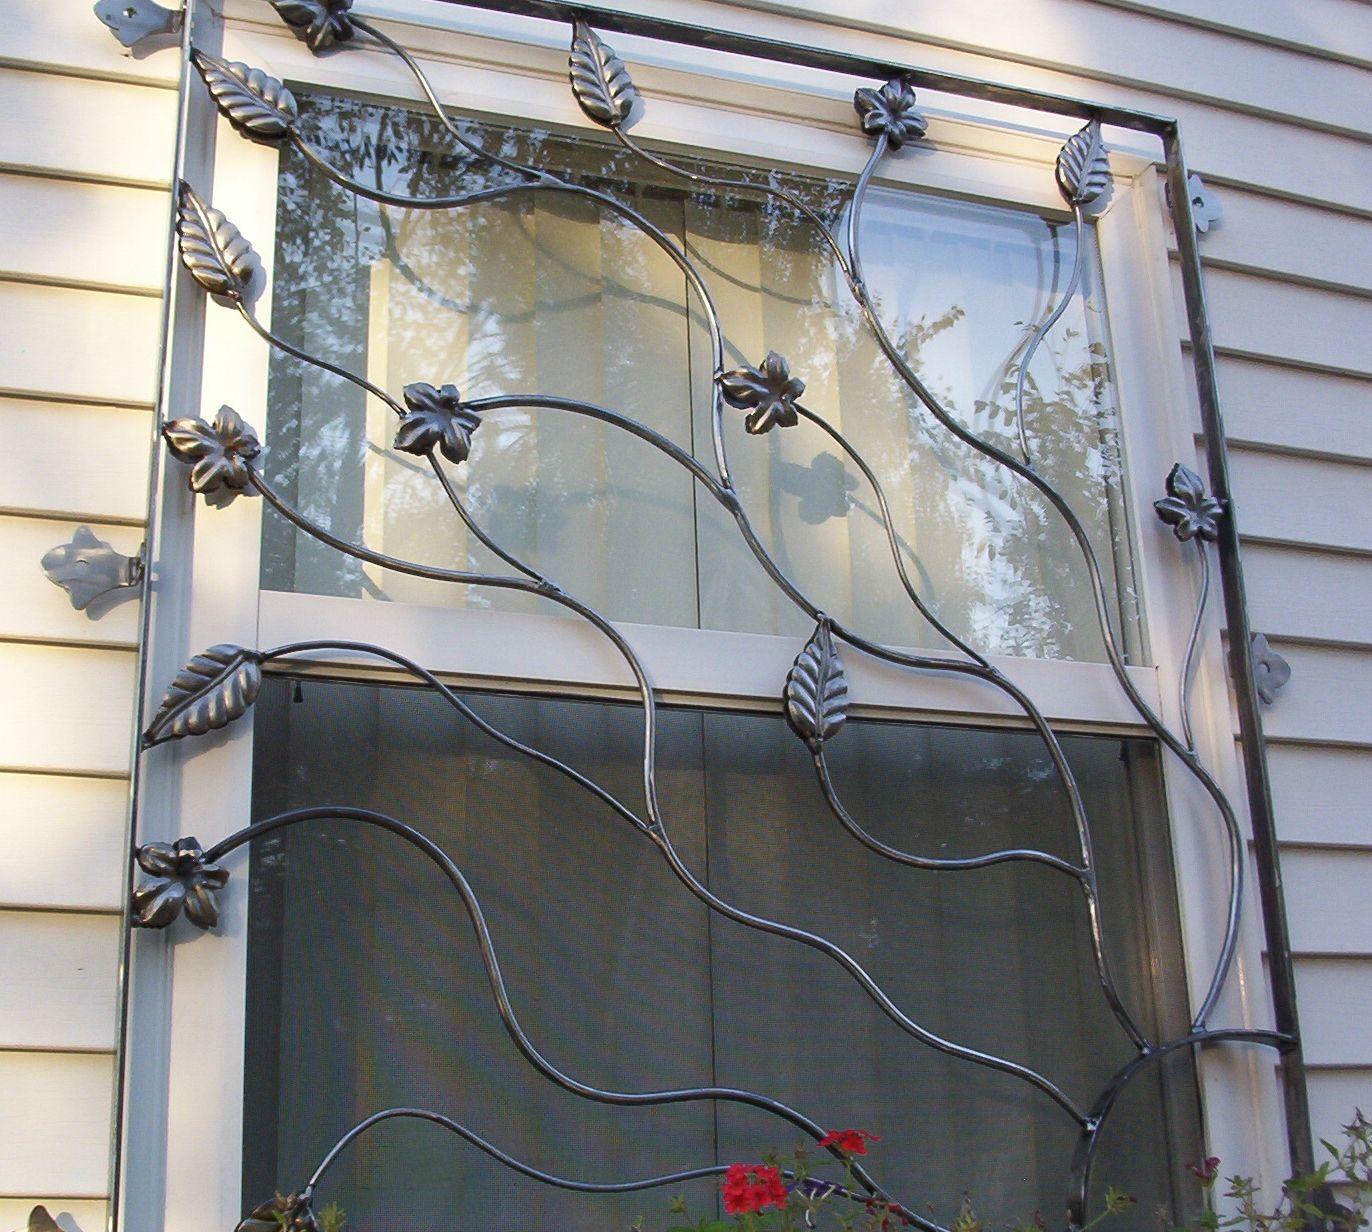 Fullsize Of Security Bars For Windows